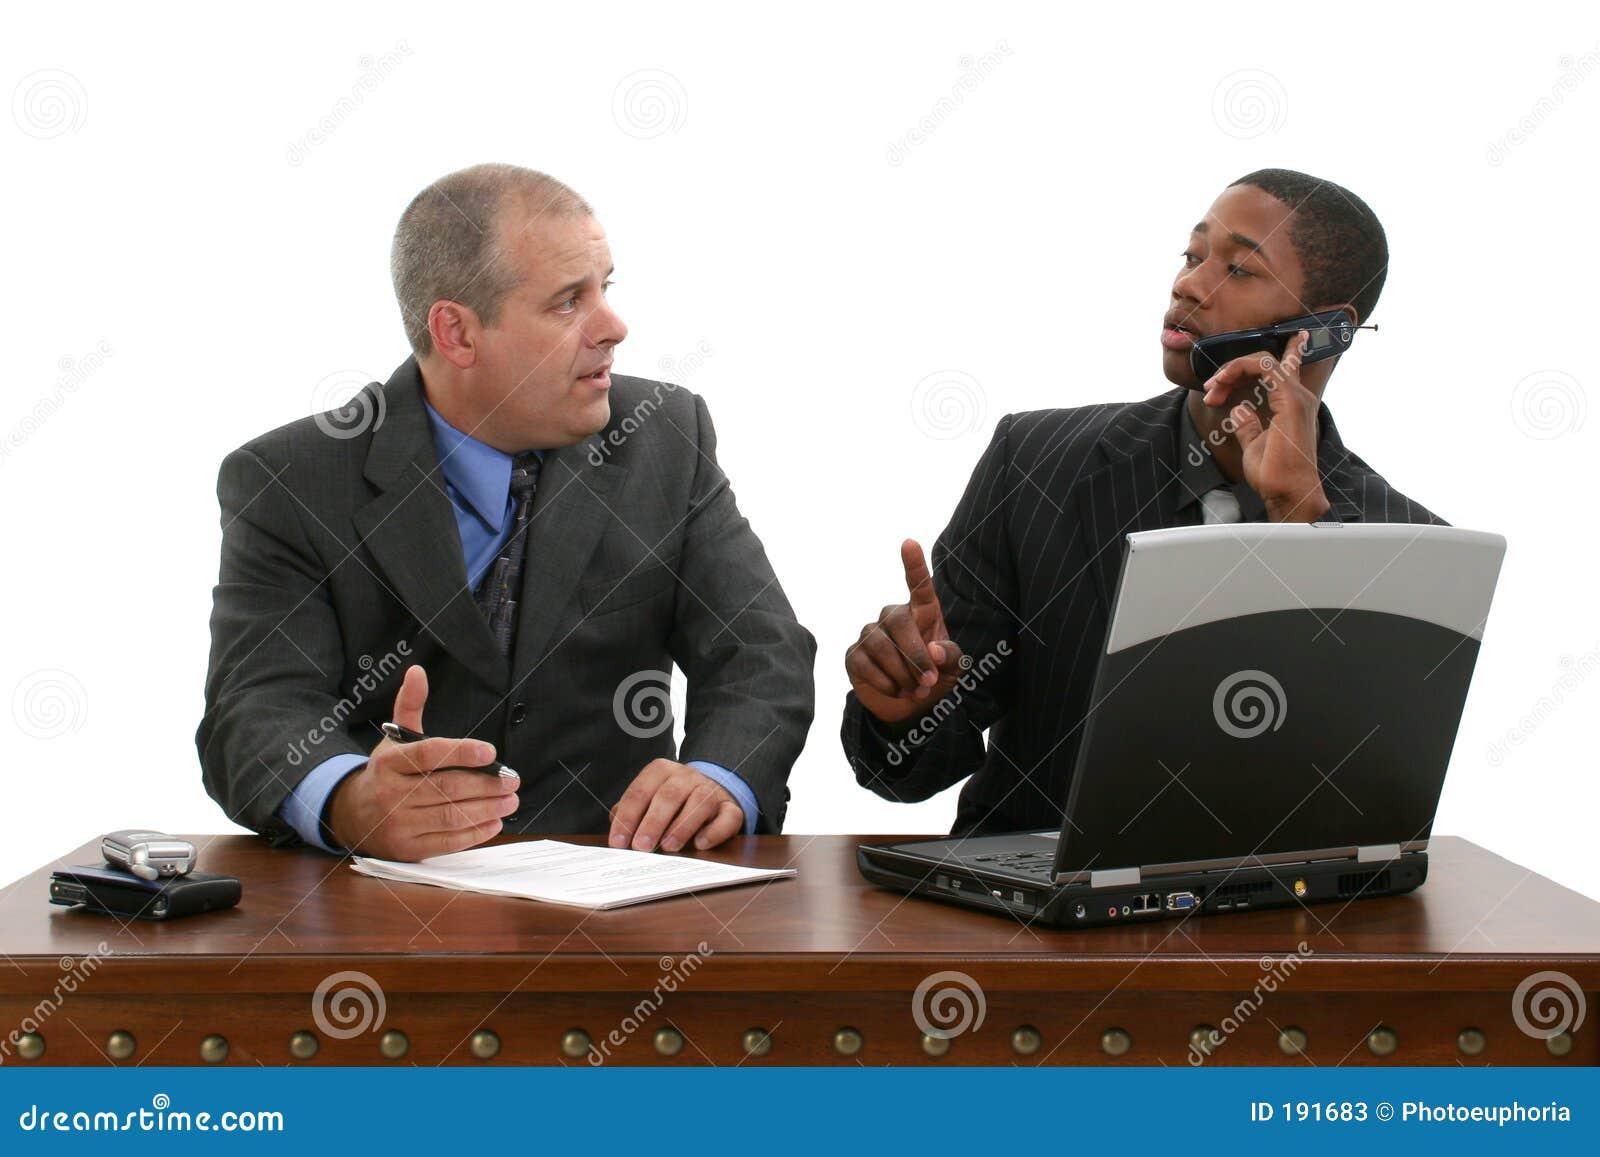 Reunión de negocios sobre asimiento